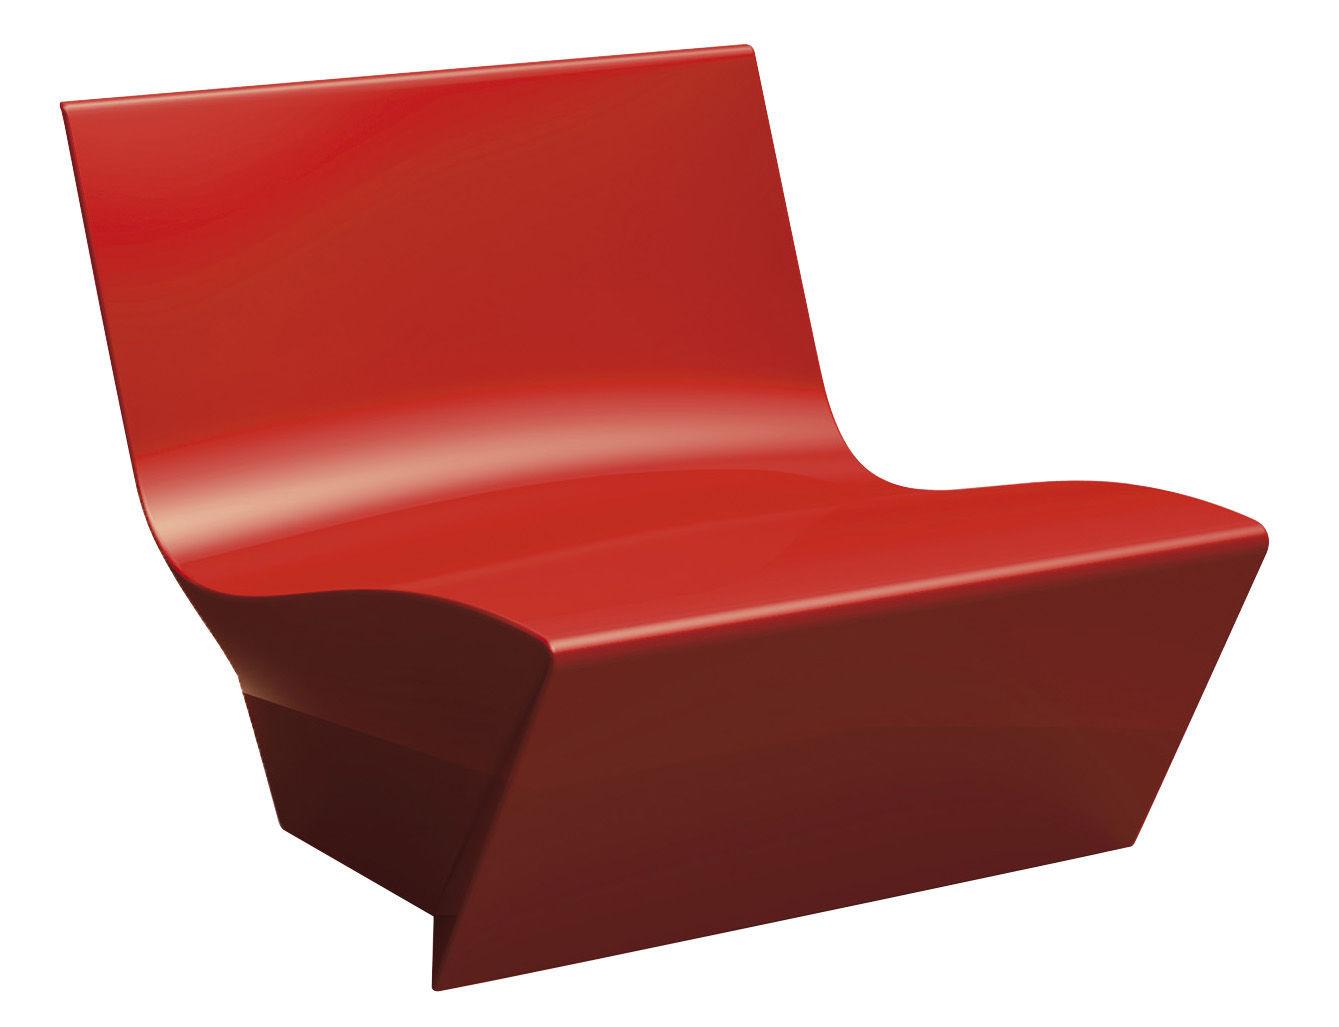 Arredamento - Poltrone design  - Poltrona bassa Kami Ichi - versione laccata di Slide - Laccato rosso -